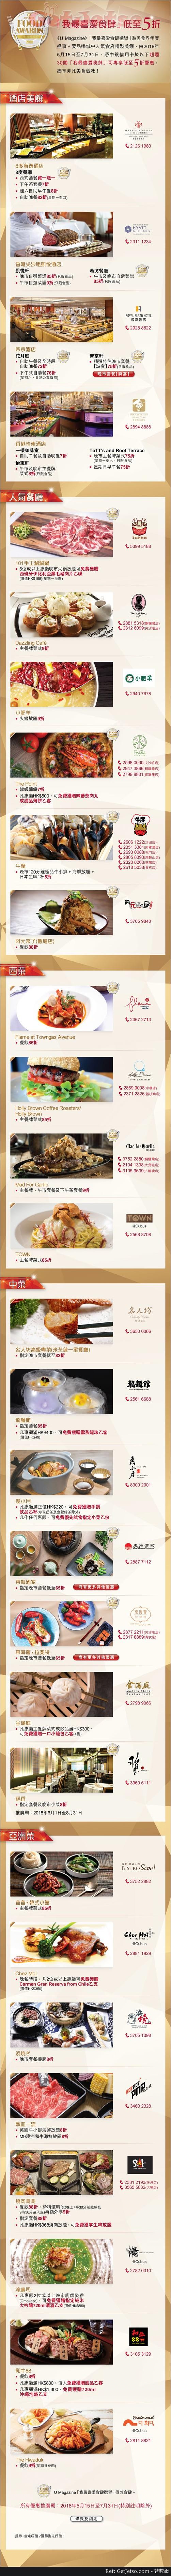 中銀信用卡享「我最喜愛食肆」低至5折優惠(至18年7月31日)